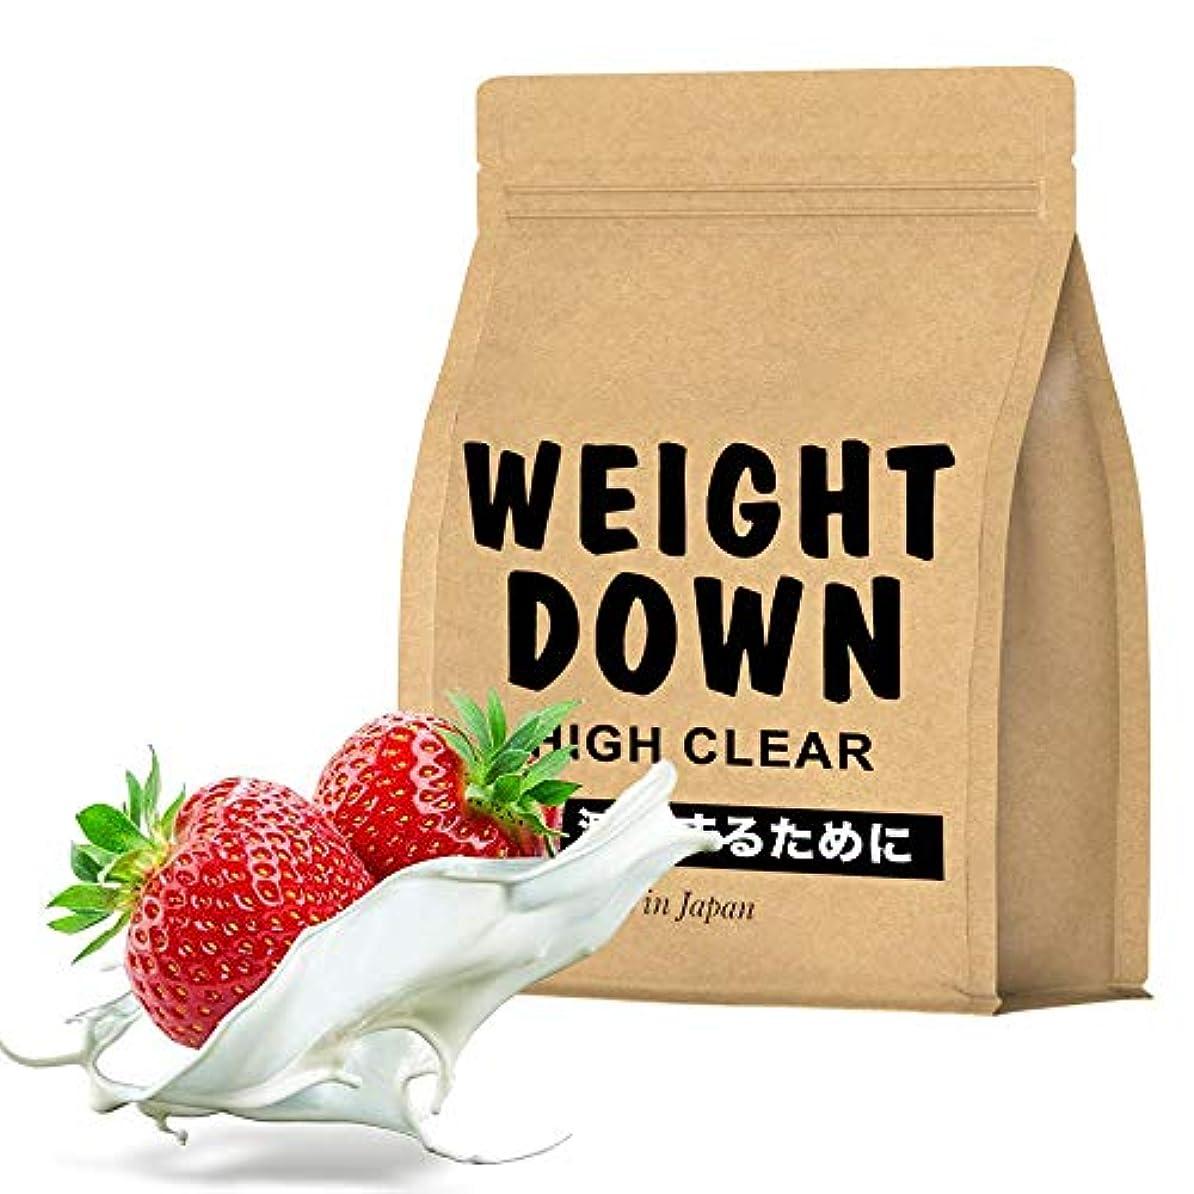 質素な偽悩むウェイトダウンマッハ1㎏【AMAZON限定】 11種類ビタミン ストロベリーミルク味 40食分 HIGH CLEAR(ハイクリアー)